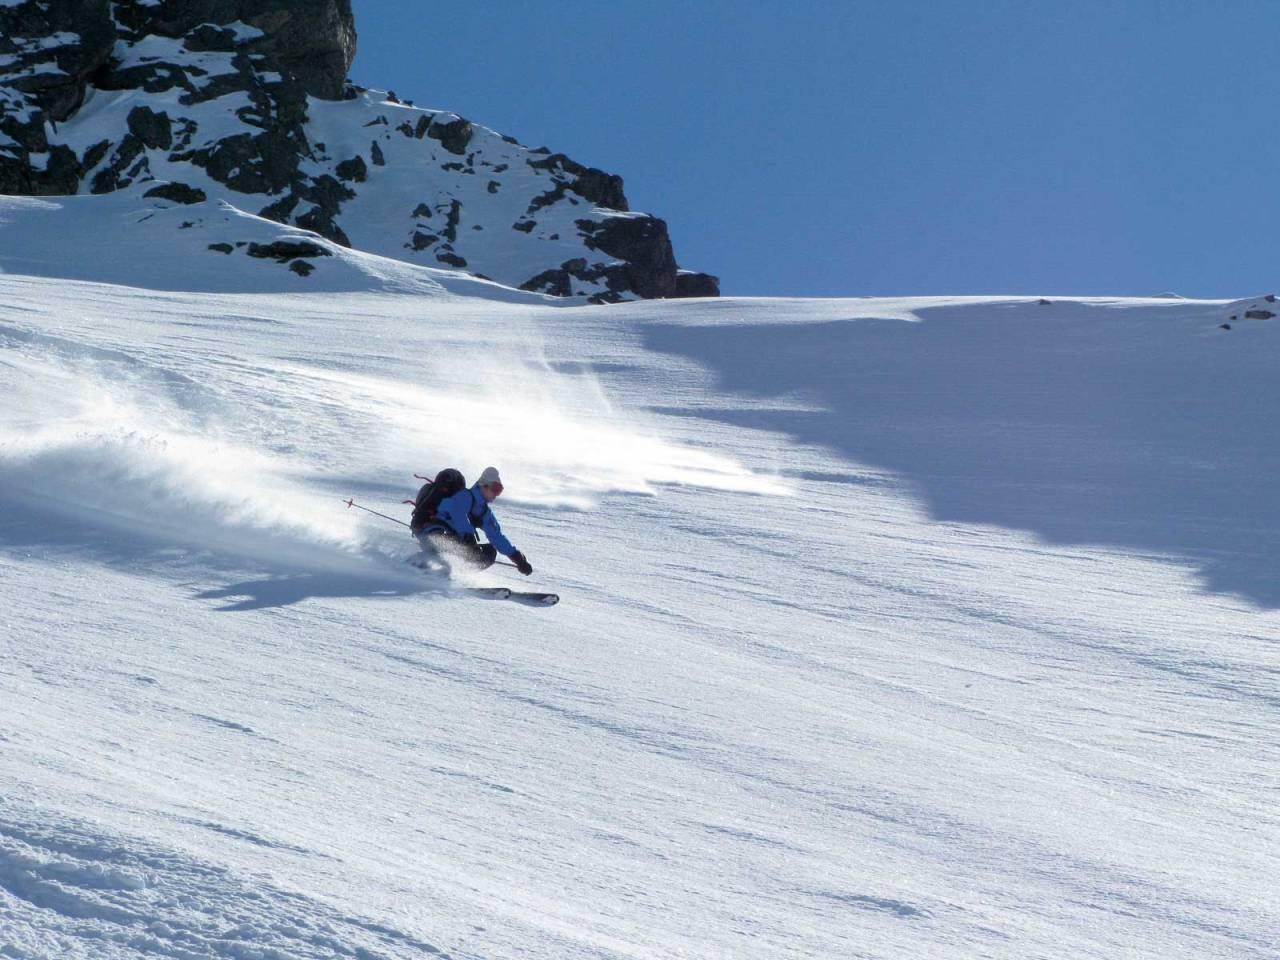 På ski: Bra forhold ned fra Lille Vengetind. Foto: Arne Litlere